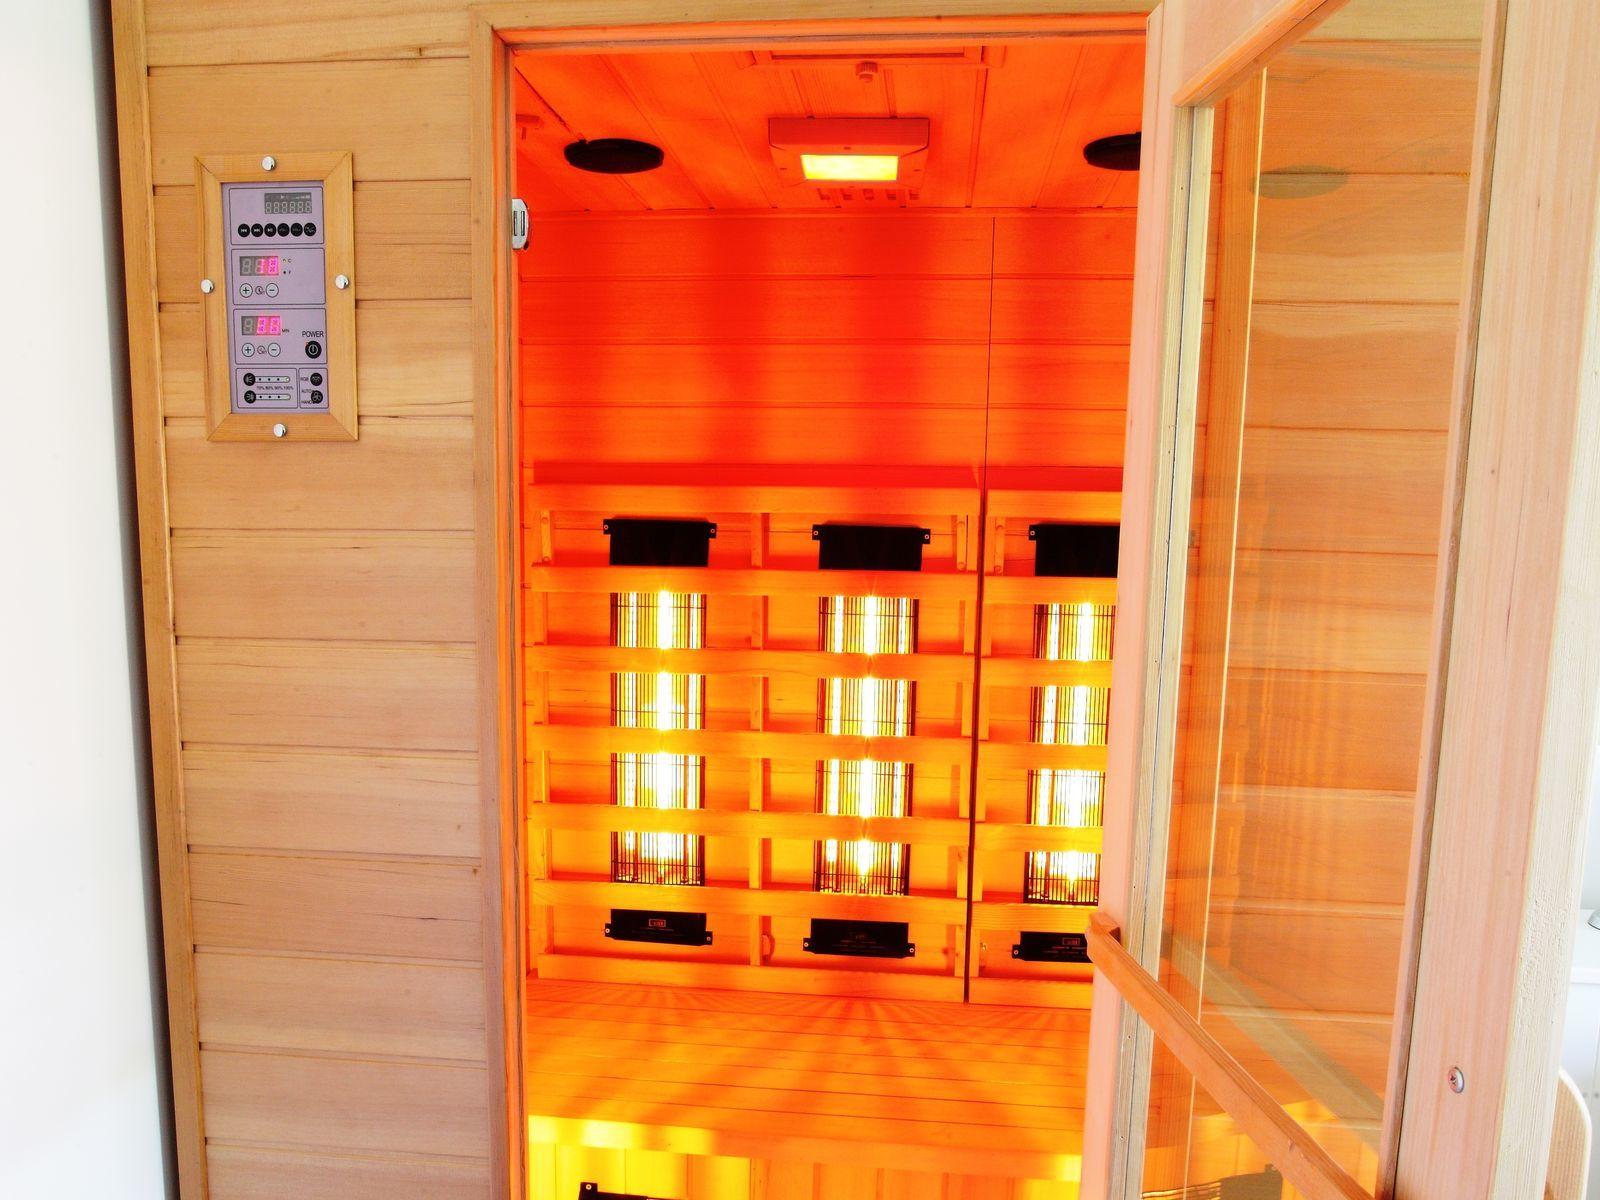 Landgoed St. Geertruid Comtesse de Paris - vakantiehuis in Limburg met sauna en hottub